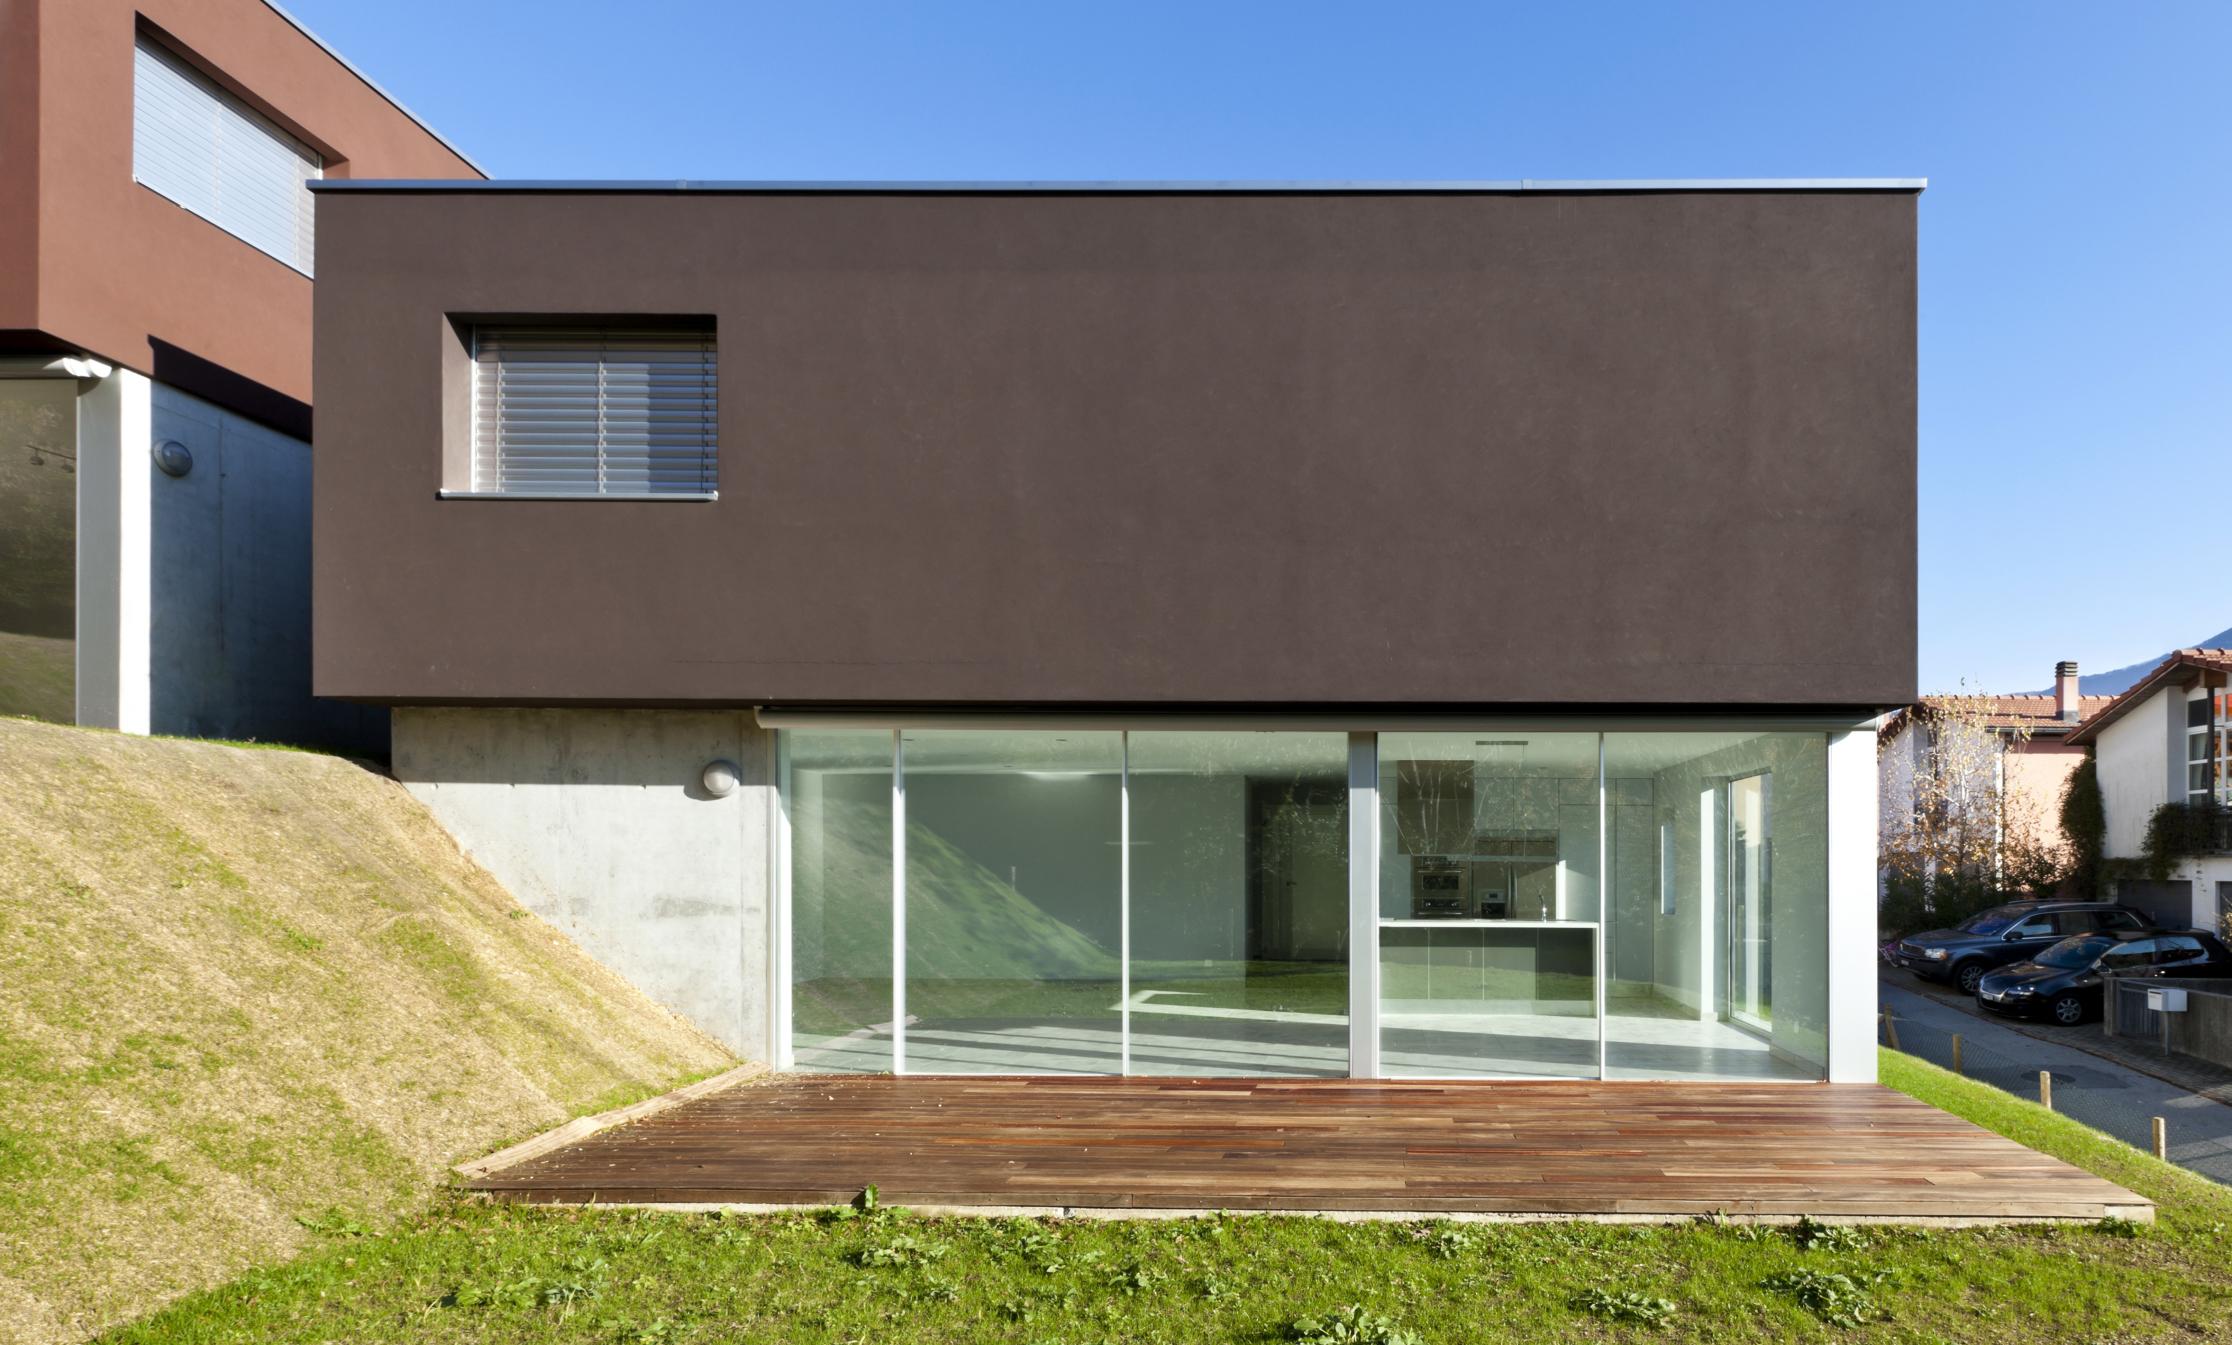 20 frentes de casas modernas planos y fachadas todo for Disenos de frentes de casas